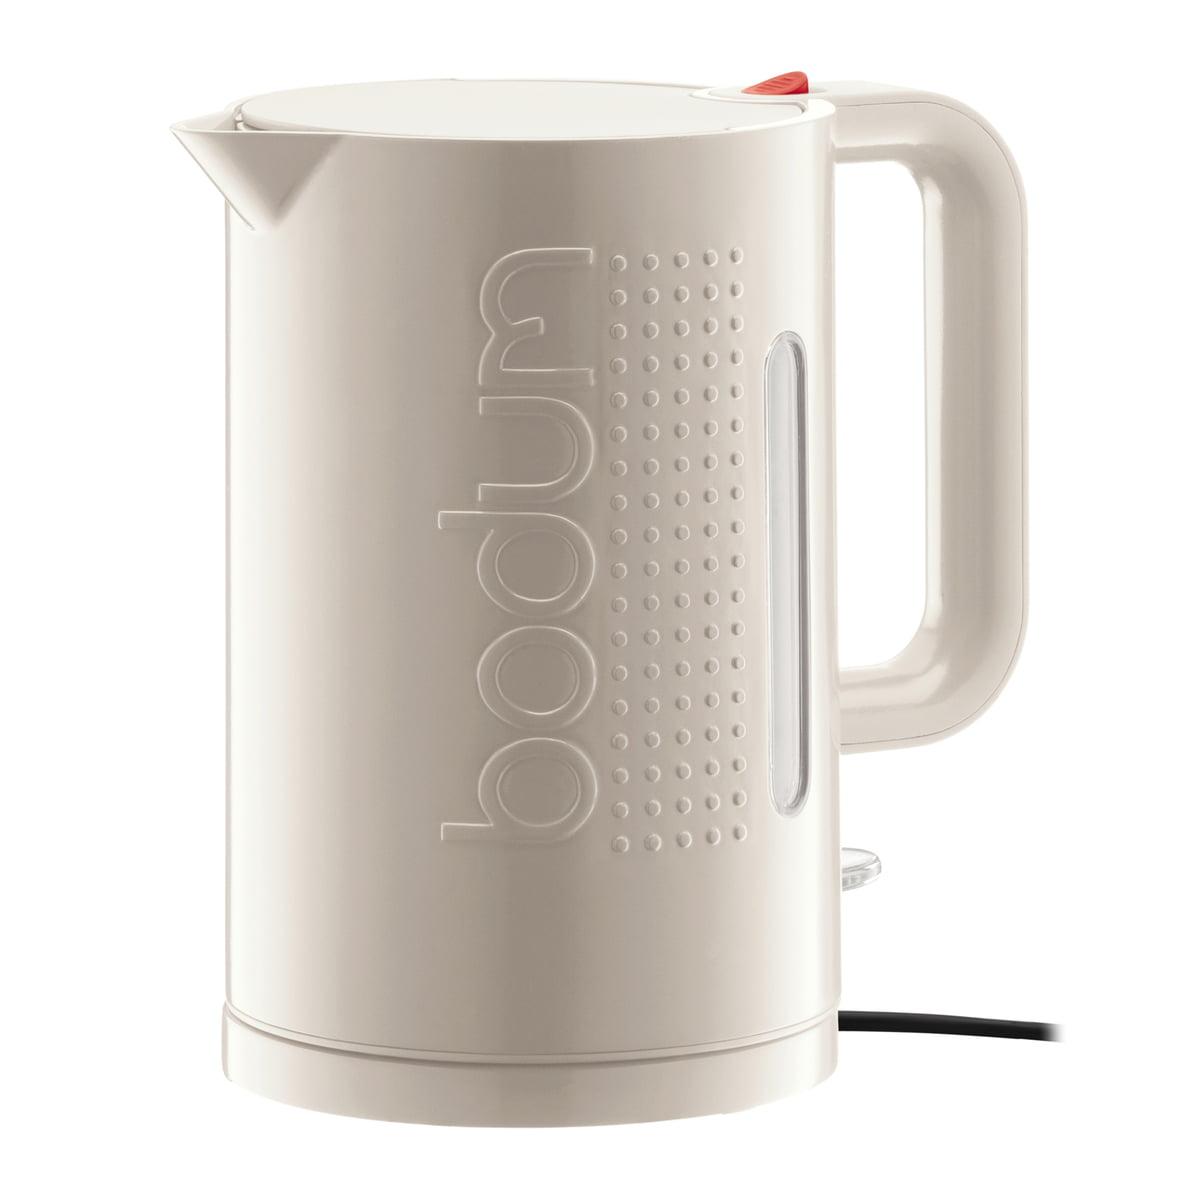 Bodum Wasserkocher bodum bistro elektrischer wasserkocher 1 5l